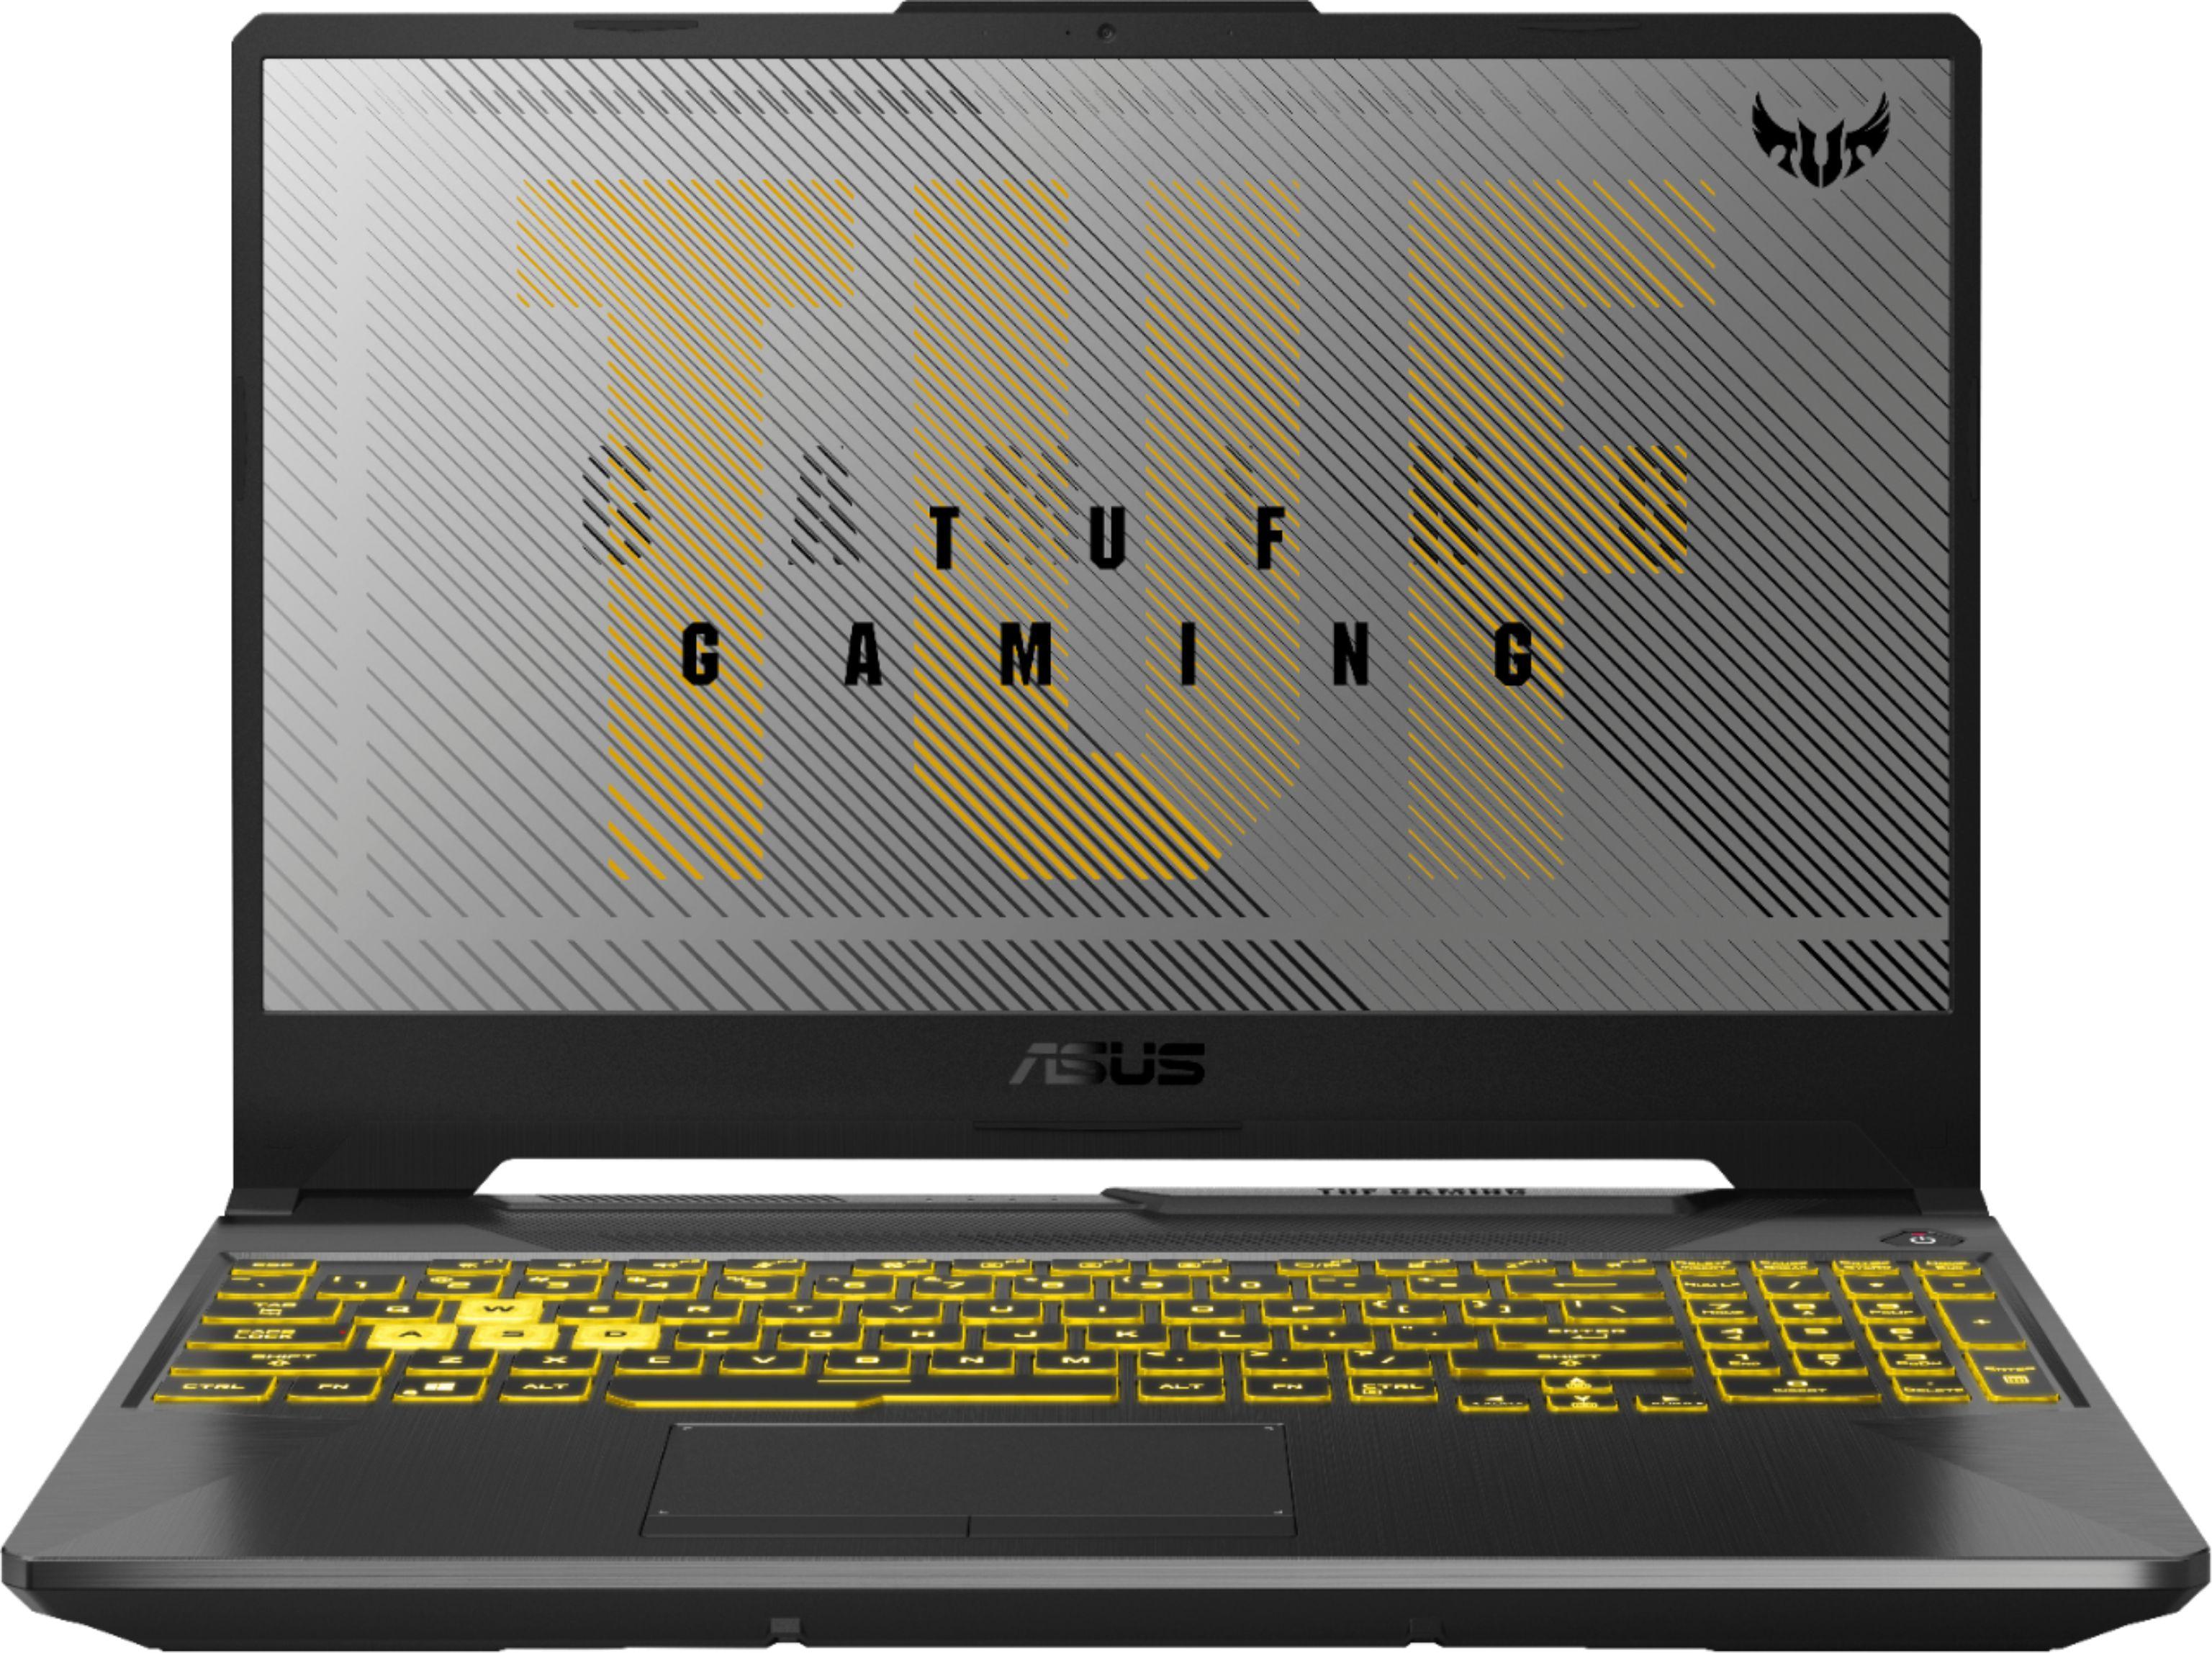 ASUS TUF Gaming 15.6